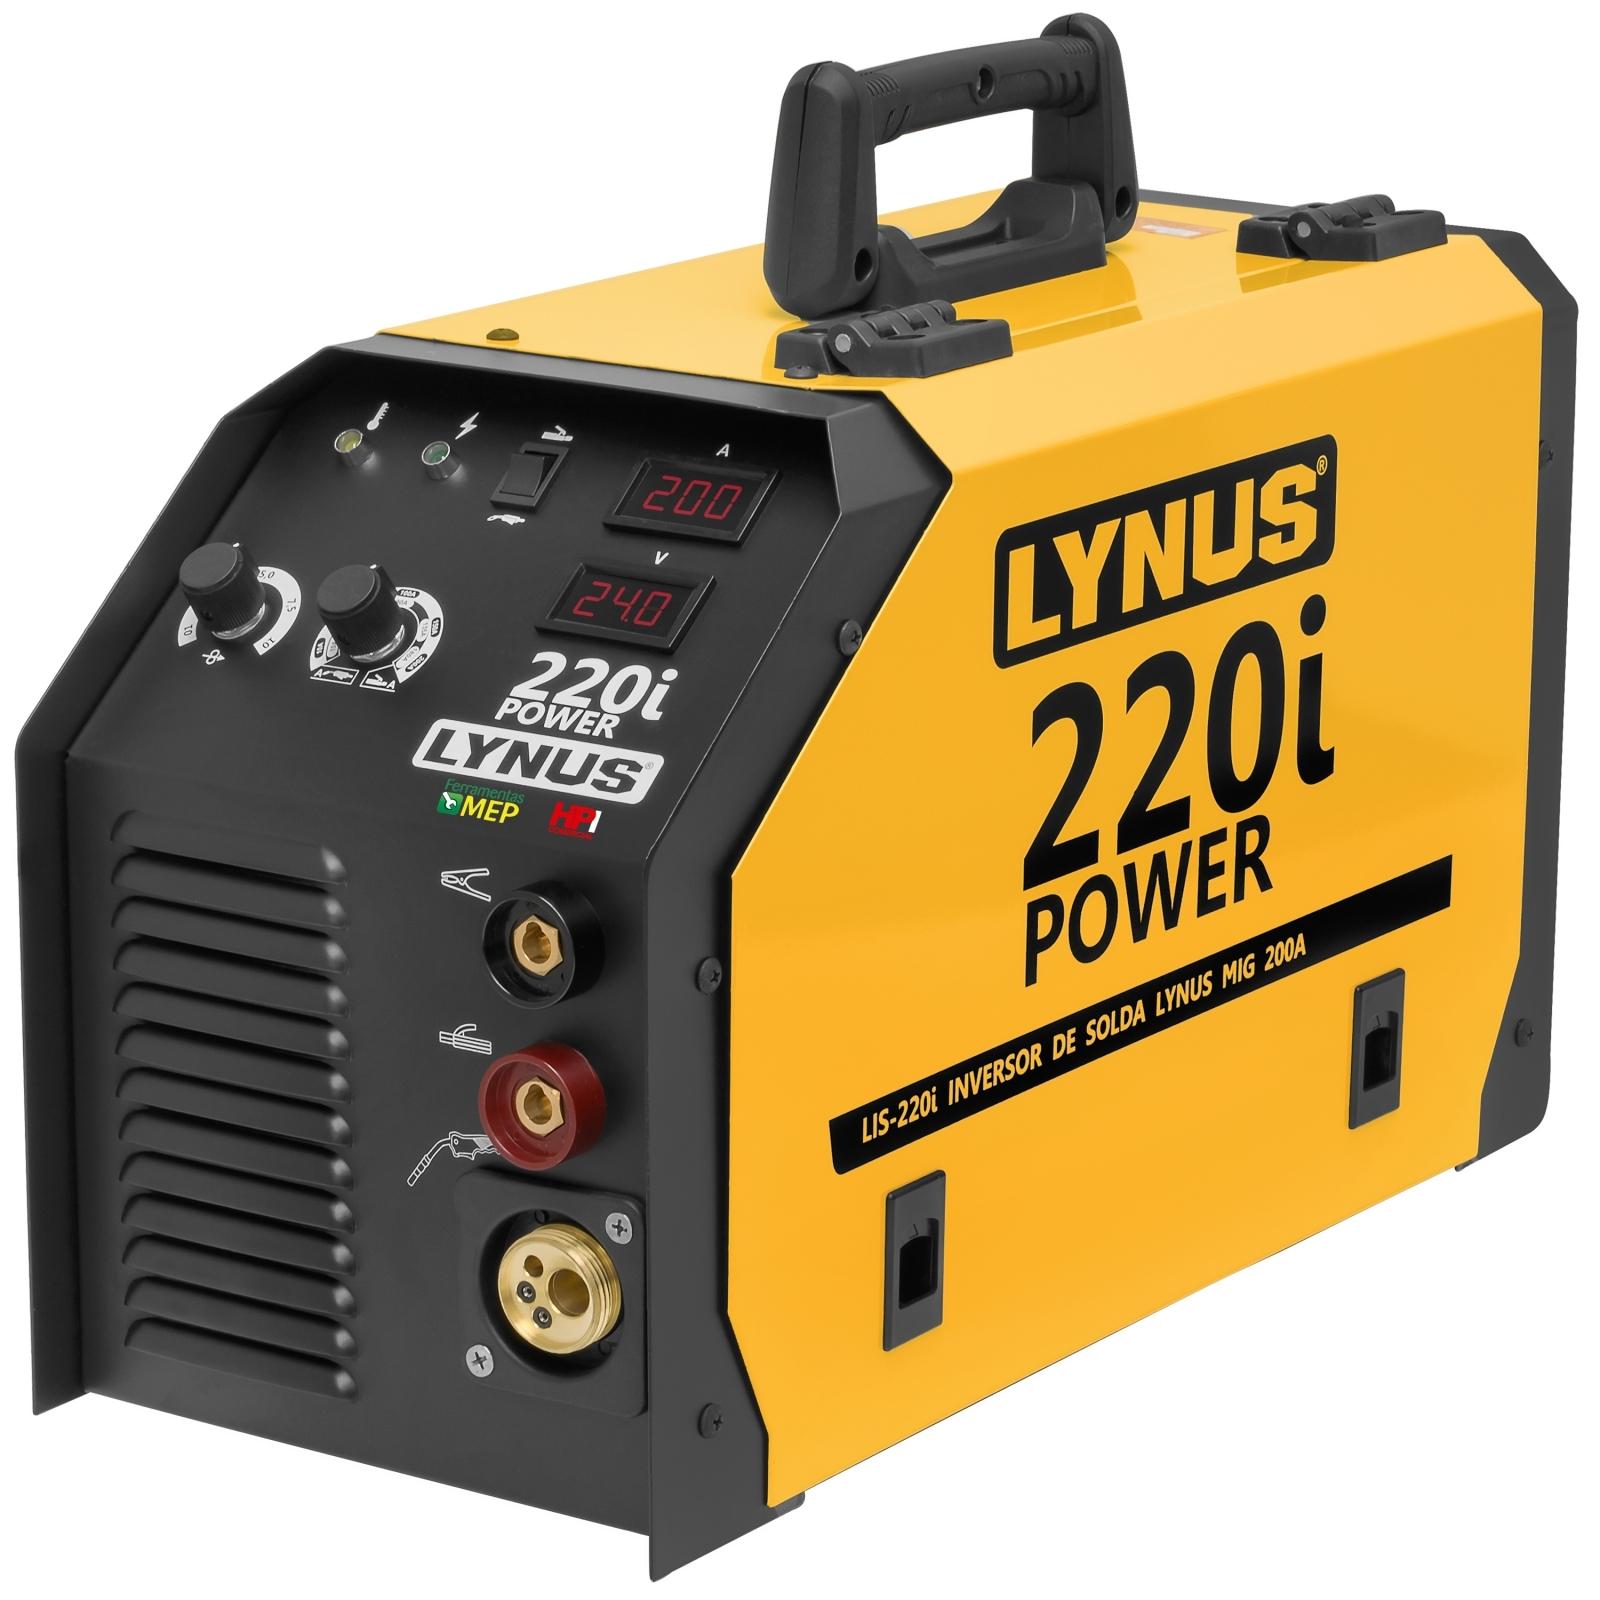 Inversora de Solda Mig Mag Lynus Lis-220i 200amp MMA TIG Ly4 - Ferramentas MEP